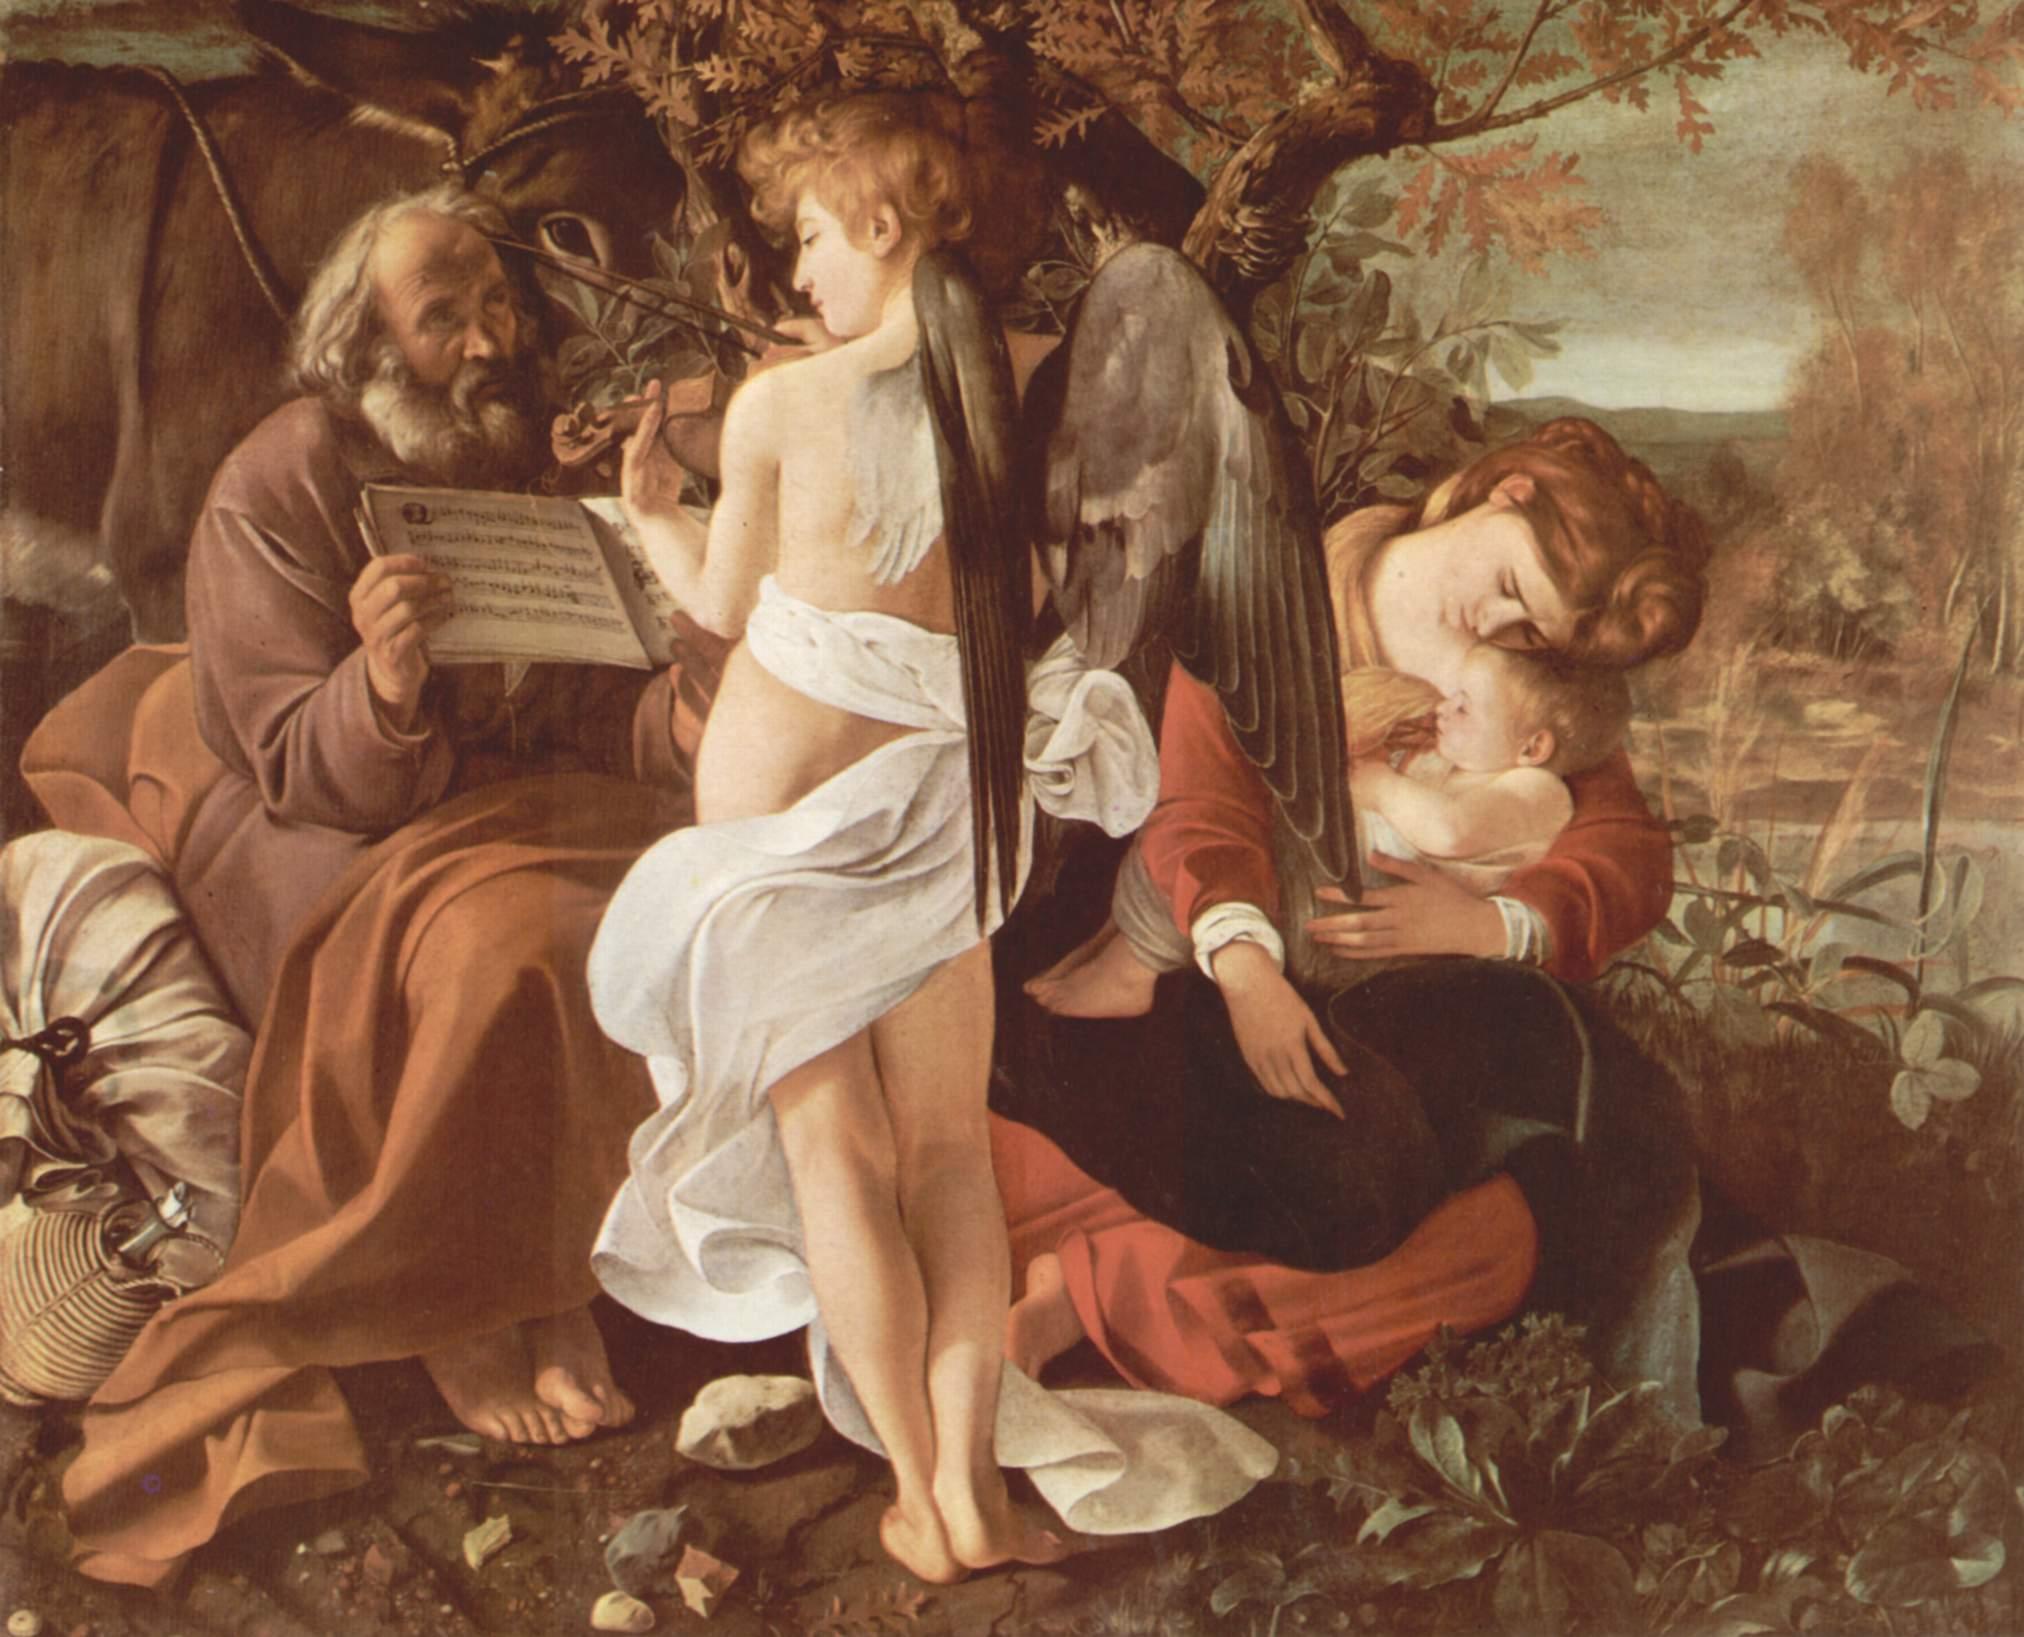 Отдых на пути в Египет, Микеланджело Меризи де Караваджо